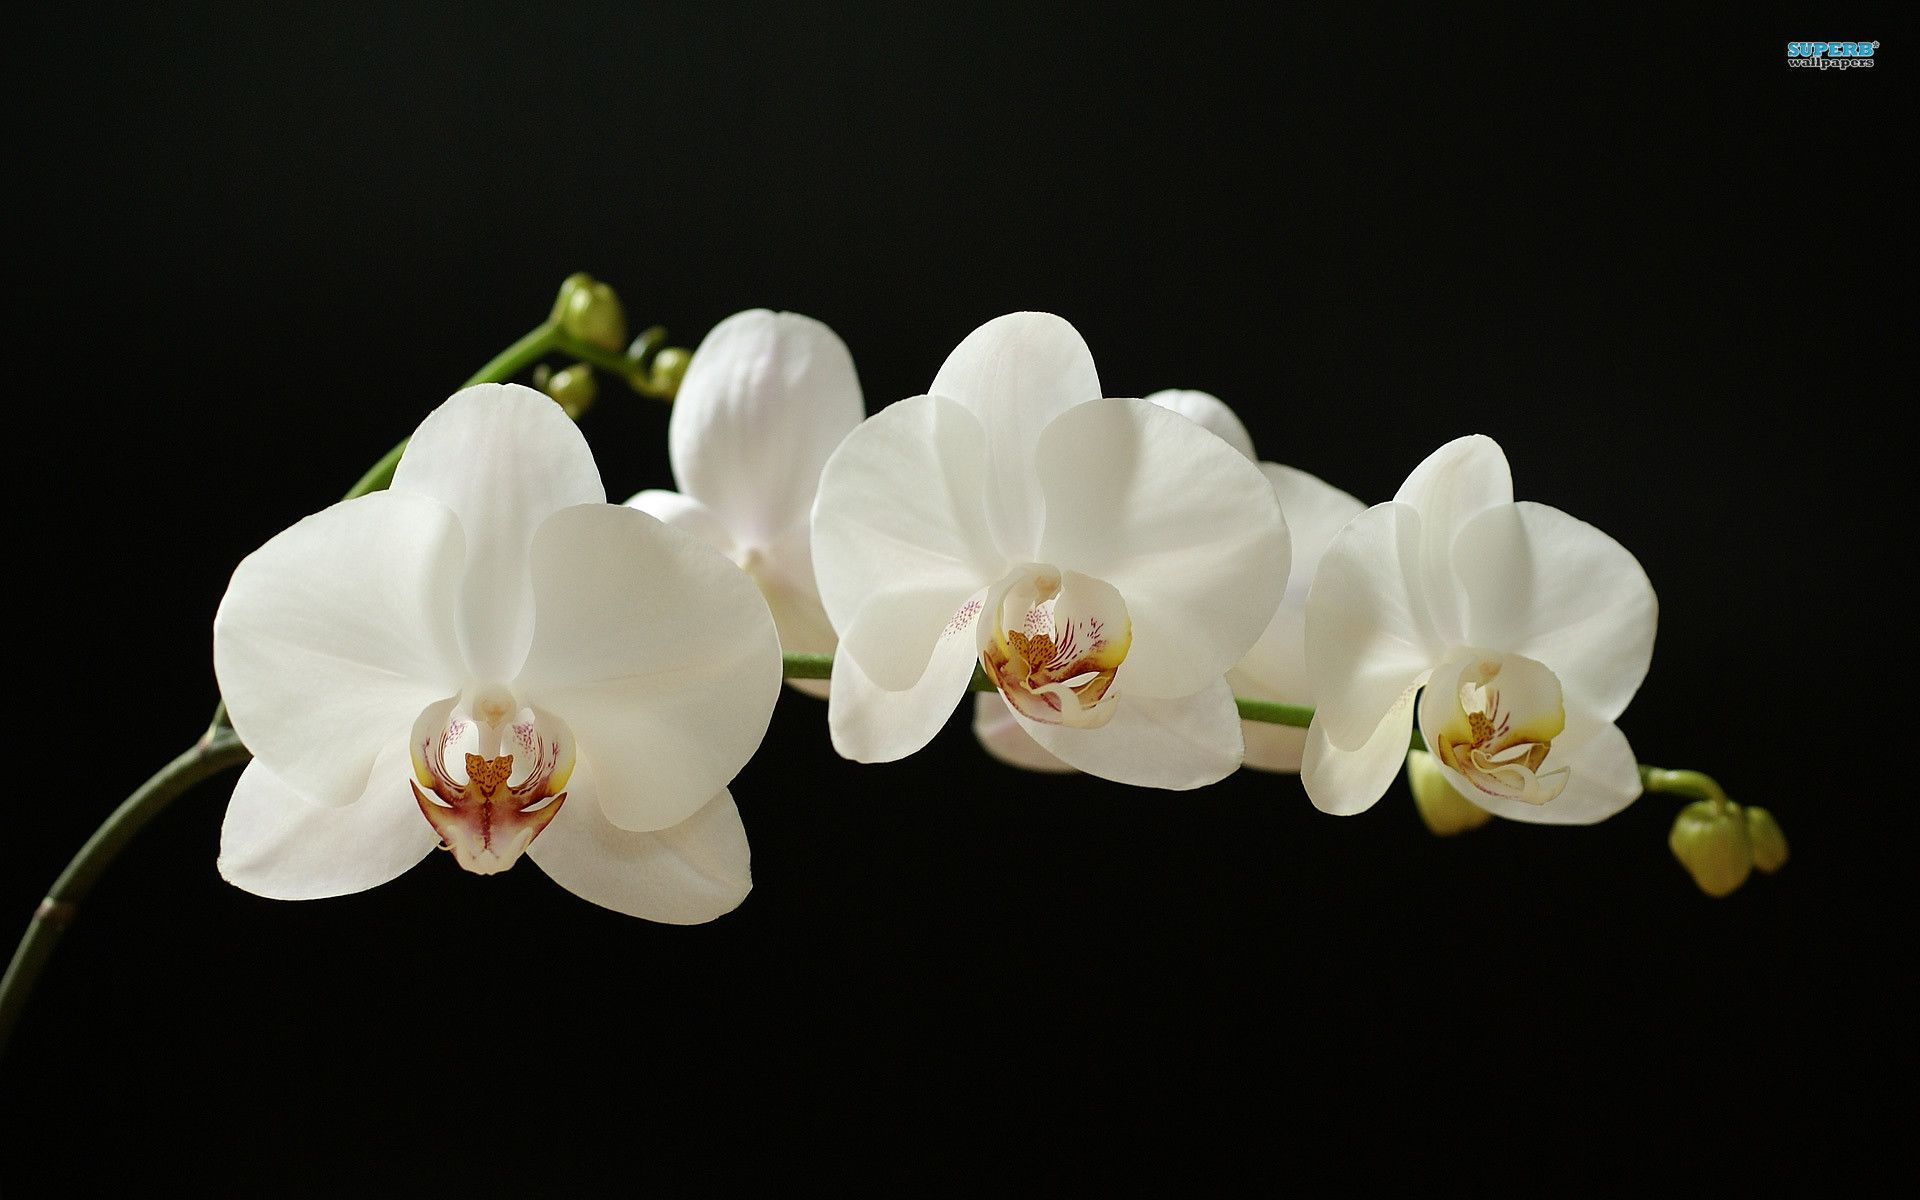 Orchid wallpaper collection for free download Çiçekler pinterest